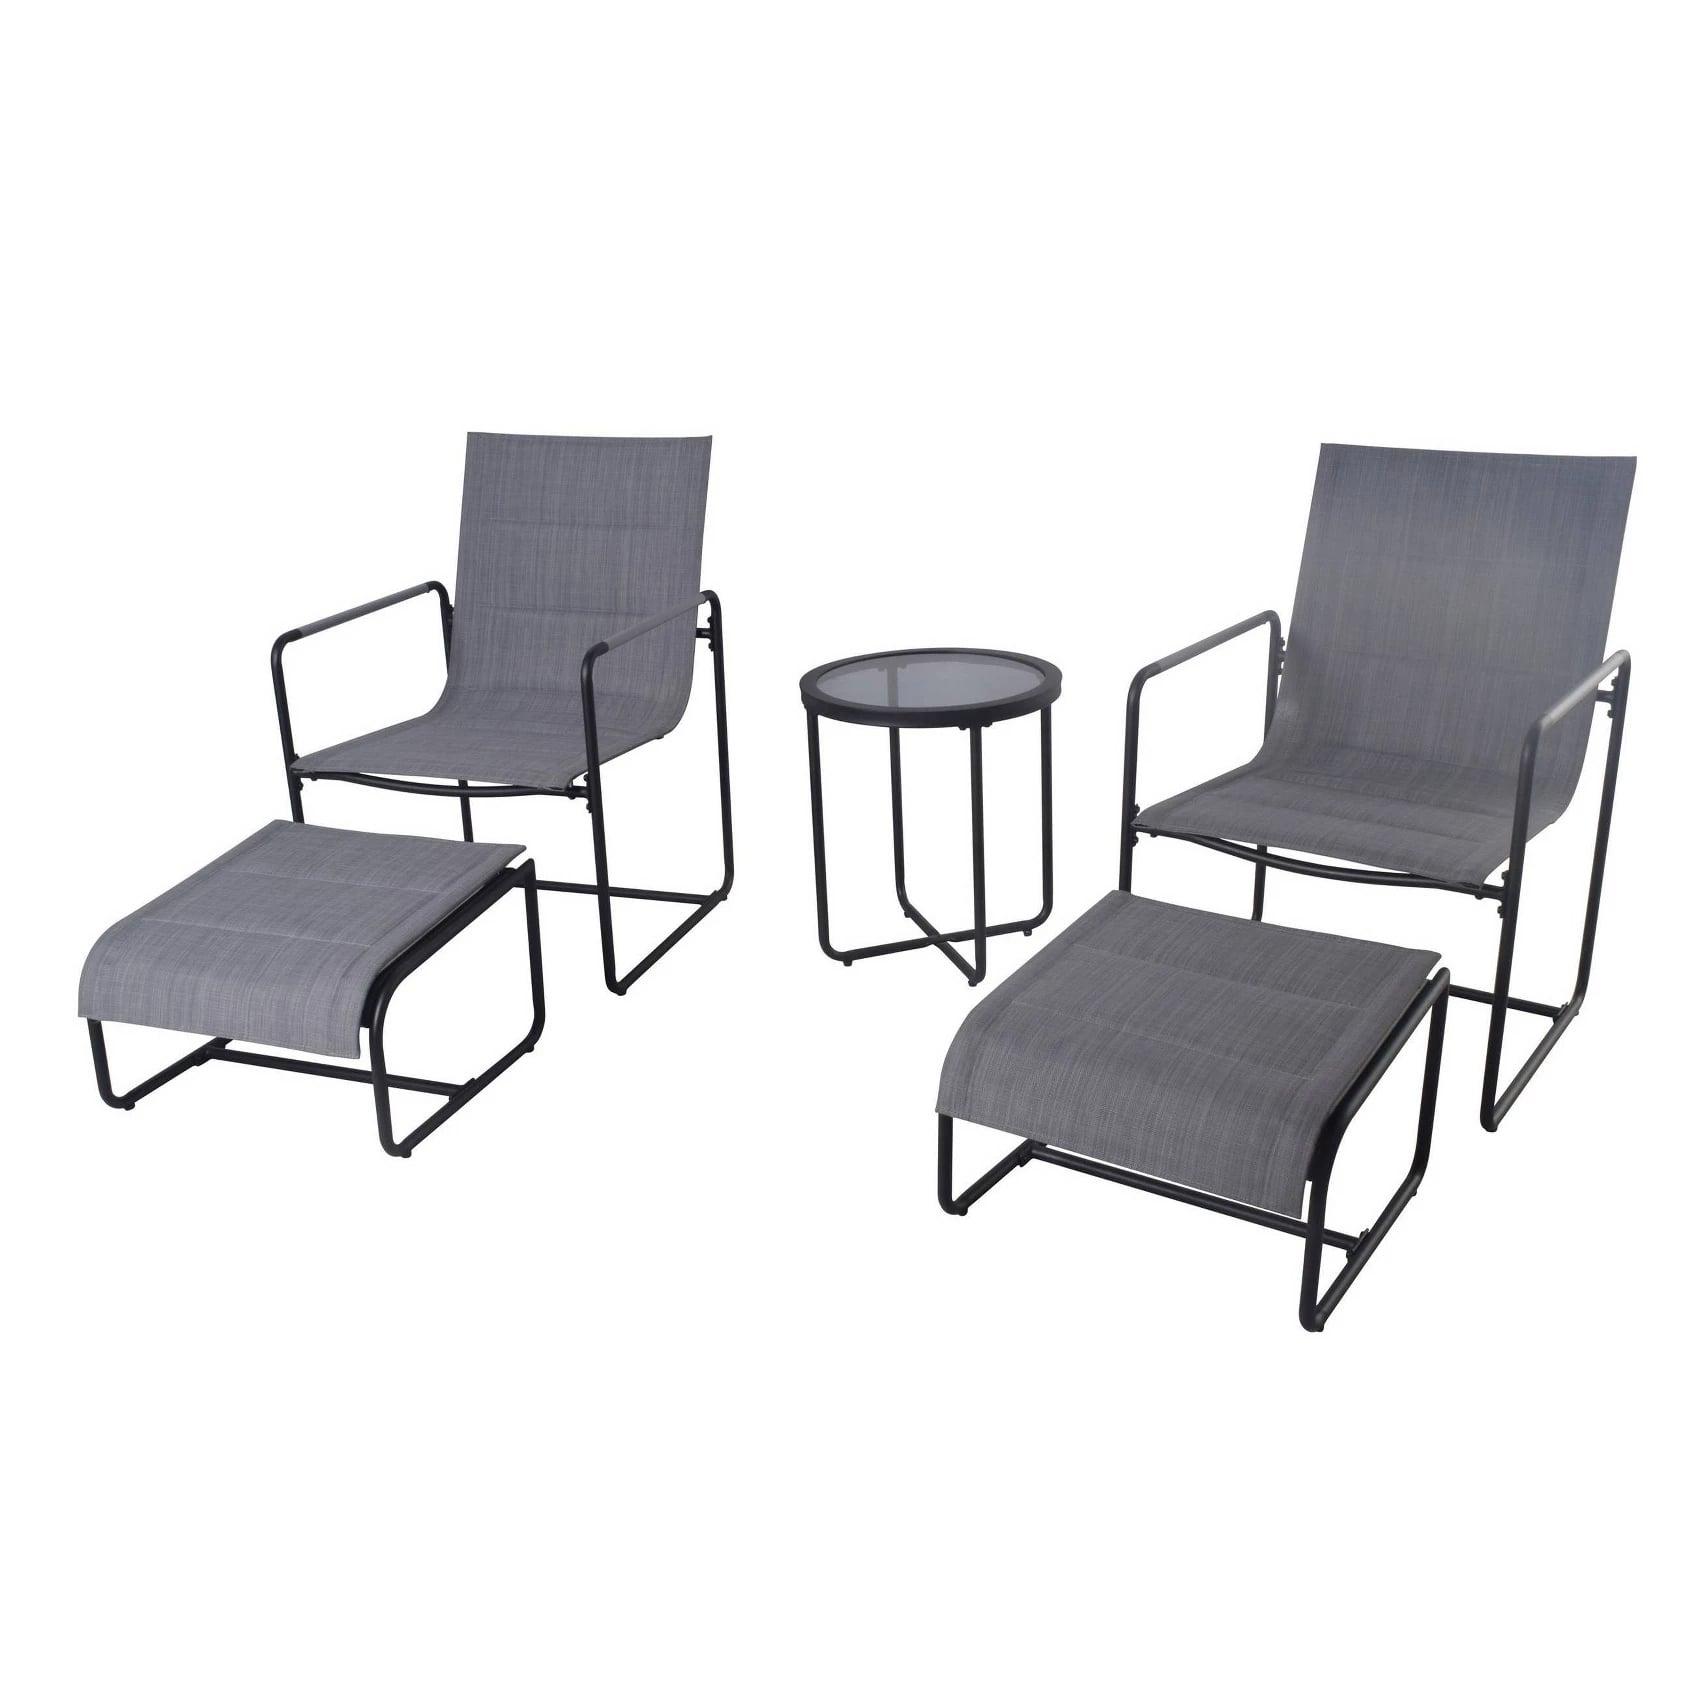 Best Outdoor Furniture At Target 2020 Popsugar Home